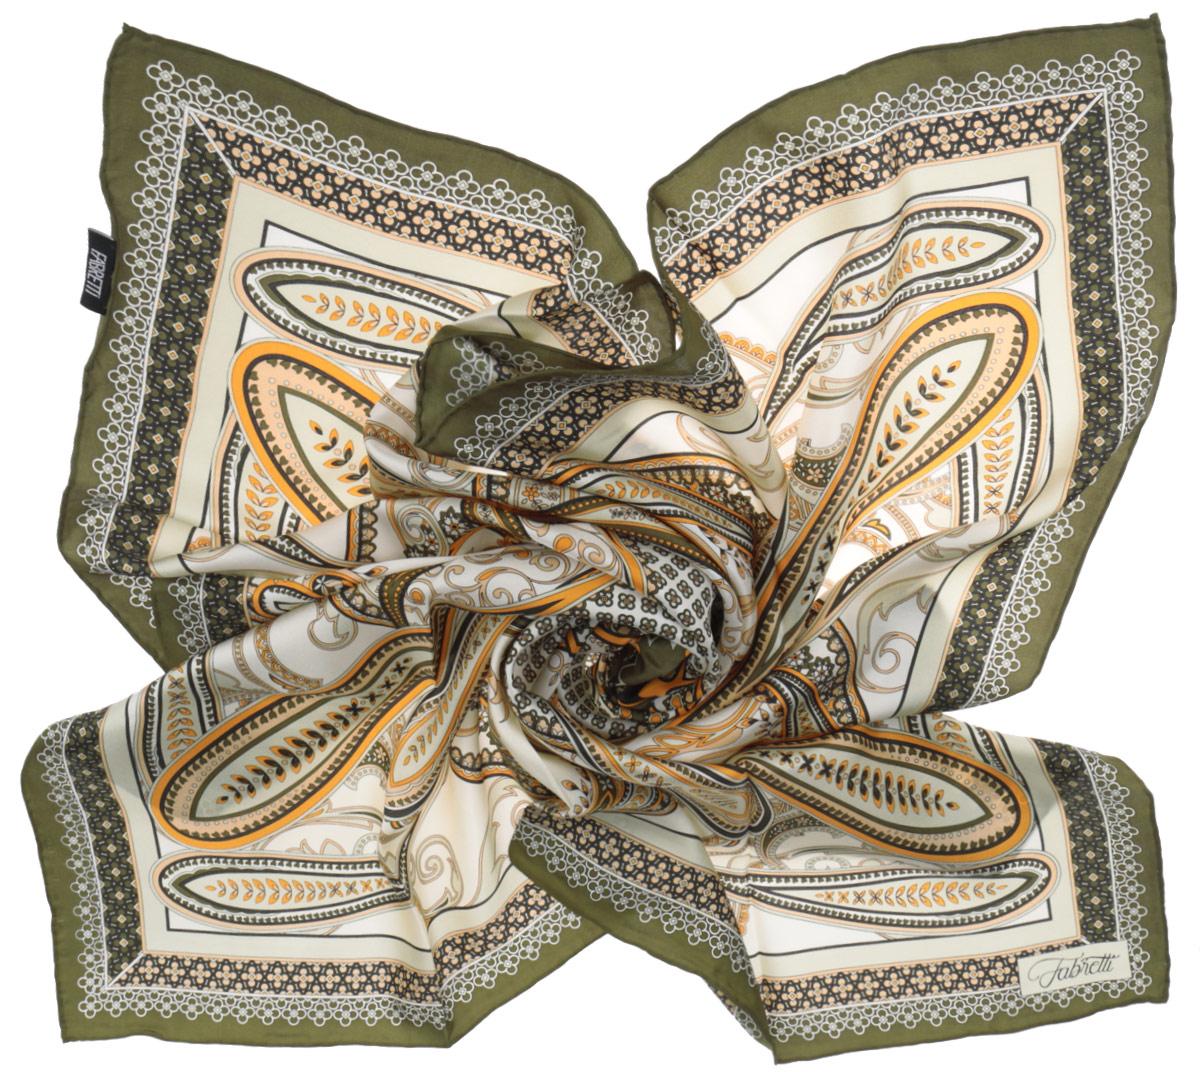 ПлатокCX1516-52-5Стильный женский платок Fabretti станет великолепным завершением любого наряда. Платок изготовлен из высококачественного 100% шелка и оформлен изысканным этническим принтом в индийском стиле. Классическая квадратная форма позволяет носить платок на шее, украшать им прическу или декорировать сумочку. Мягкий и шелковистый платок поможет вам создать изысканный женственный образ, а также согреет в непогоду. Такой платок превосходно дополнит любой наряд и подчеркнет ваш неповторимый вкус и элегантность.